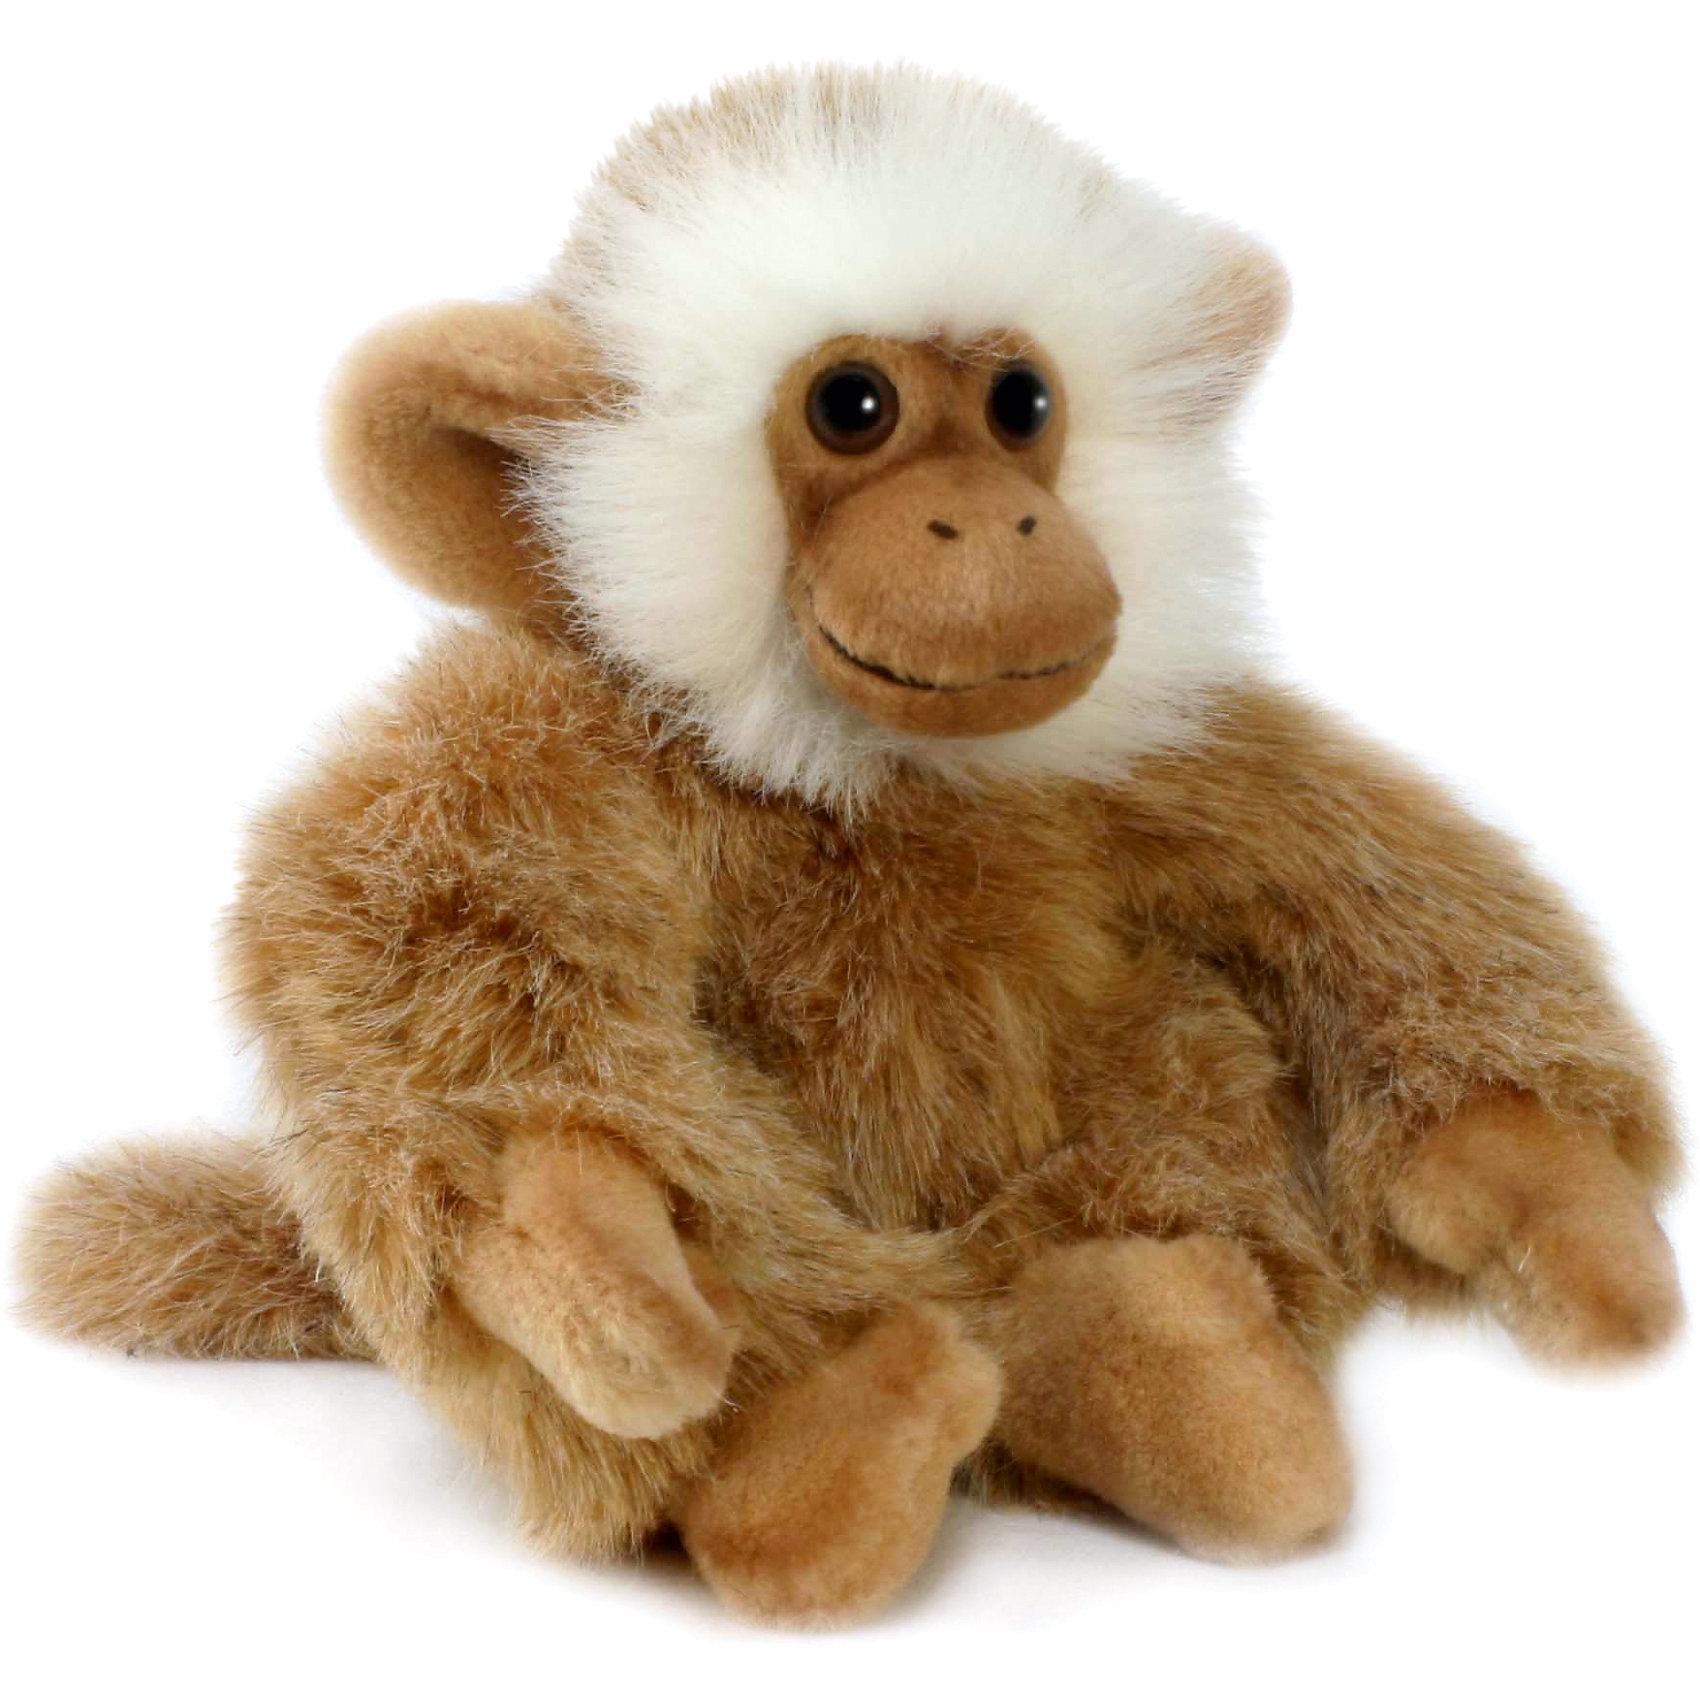 Обезьянка, 20 см, HansaМягкие игрушки животные<br>Обезьянка, Hansa  - чудесная мягкая игрушка, отличающаяся высоким качеством исполнения и реалистичностью, это настоящий маленький друг, которому будут рады дети любого возраста. Торговая марка Ханса пользуется большой популярностью во всем мире и завоевала множество международных призов. Все зверюшки шьются и набиваются вручную, в точности копируя оригинал. Благодаря искусной проработке всех деталей и тщательно соблюденным пропорциям игрушка выглядит как настоящий живой детеныш обезьянки. У нее очень мягкая, приятная на ощупь шерстка из высококачественного искусственного меха, лапки выполнены из нежного плюша. Трогательная мордочка с большими глазами, обрамленная белой шерсткой, никого не оставит равнодушным. Проволочный каркас внутри игрушки делает ее прочной и устойчивой и позволяет придавать различные позы. Игрушка выполнена из гипоаллергенных материалов и совершенно безопасна для детей. <br><br>Дополнительная информация:<br><br>- Материал: искусственный мех, плюш, пластик, металлический гибкий каркас. <br>- Высота игрушки: 20 см.<br>- Размер игрушки: 15 х 17 х 20 см.<br>- Размер упаковки: 26 х 16 х 10 см.<br>- Вес: 110 гр.<br><br>Обезьянку, Hansa  можно купить в нашем интернет-магазине.<br><br>Ширина мм: 150<br>Глубина мм: 170<br>Высота мм: 200<br>Вес г: 110<br>Возраст от месяцев: 36<br>Возраст до месяцев: 144<br>Пол: Унисекс<br>Возраст: Детский<br>SKU: 4230123